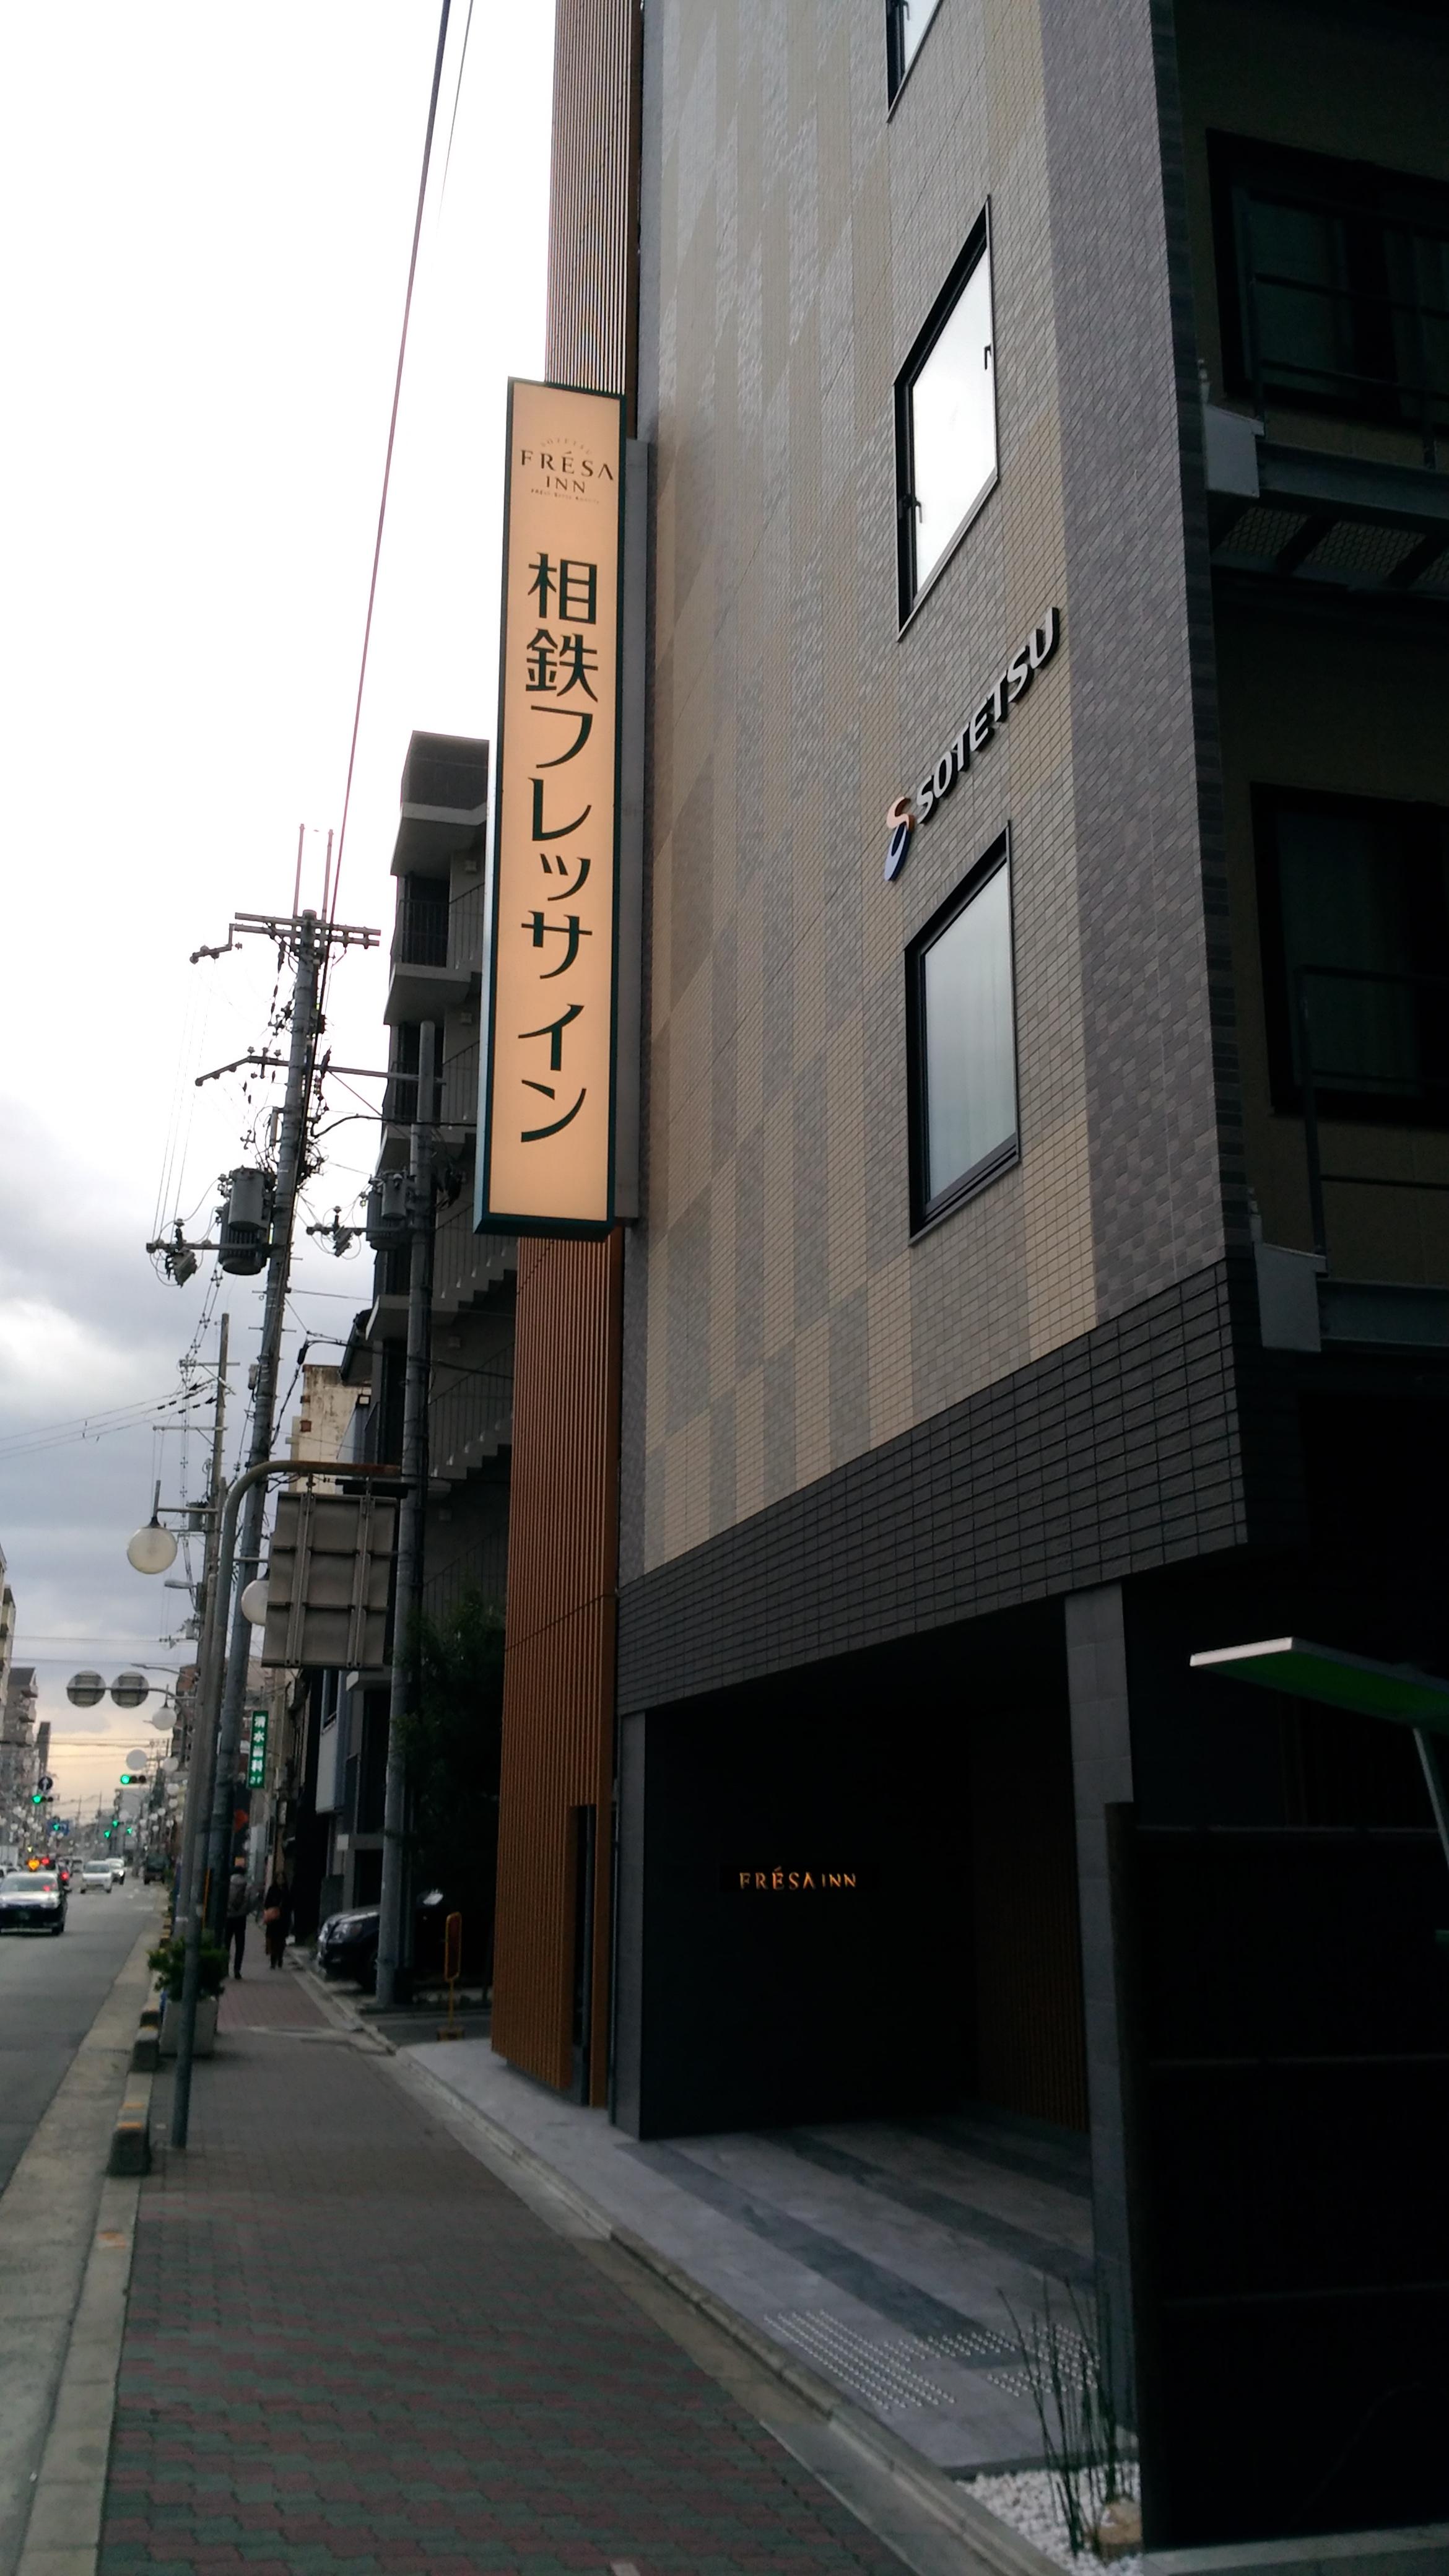 「京都駅」から近い清潔なホテル【相鉄フレッサイン】はいかがでしょうか! -リピーターのための、おすすめ京都の穴場ガイド-